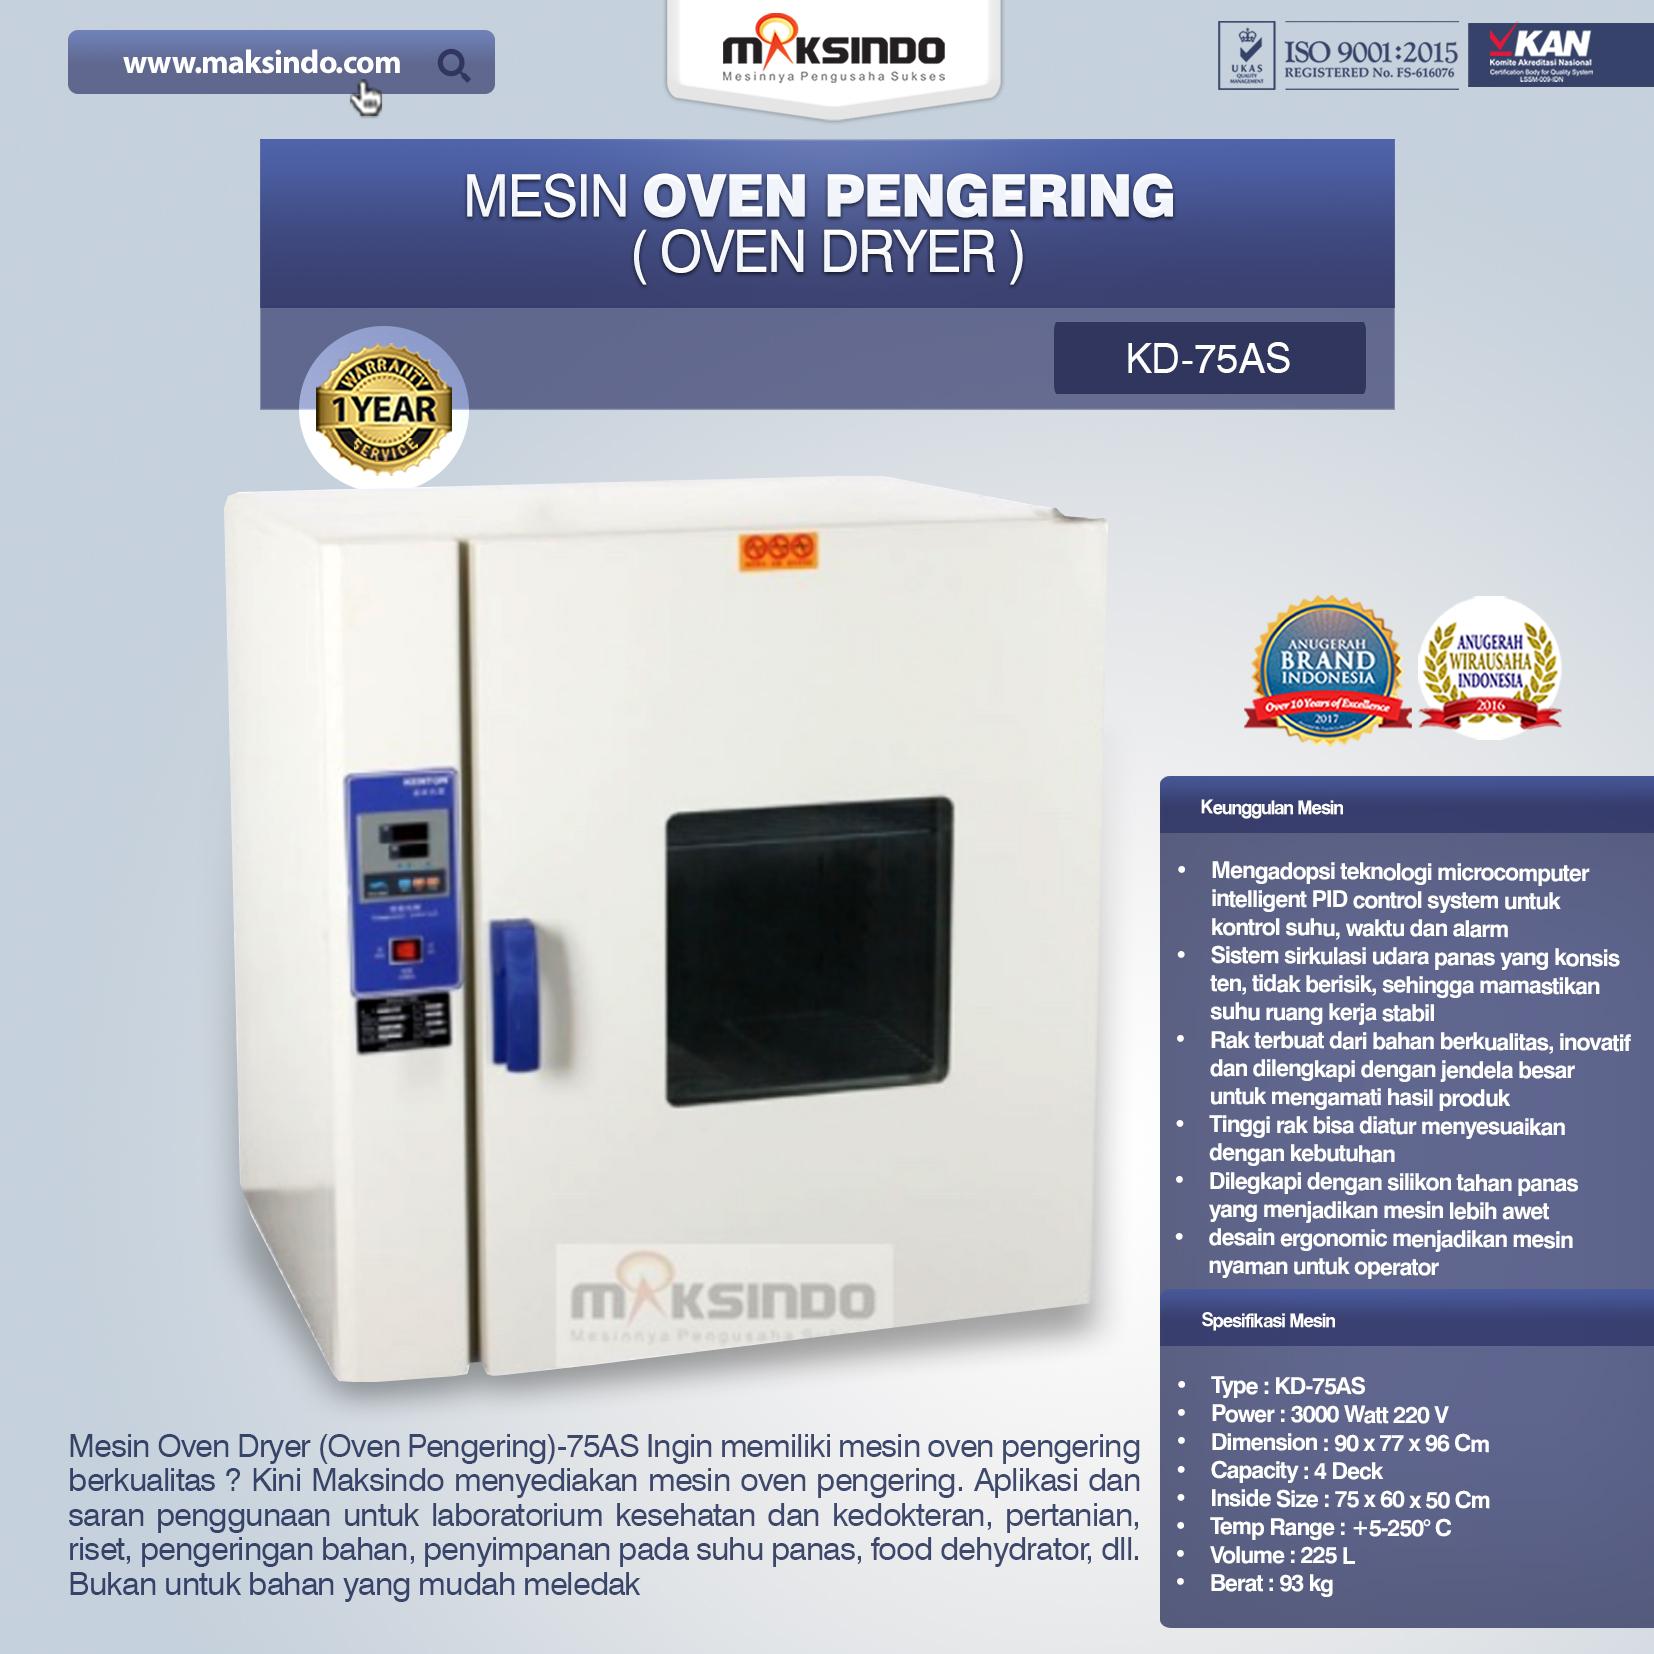 Jual Mesin Oven Pengering (Oven Dryer)-75AS di Malang